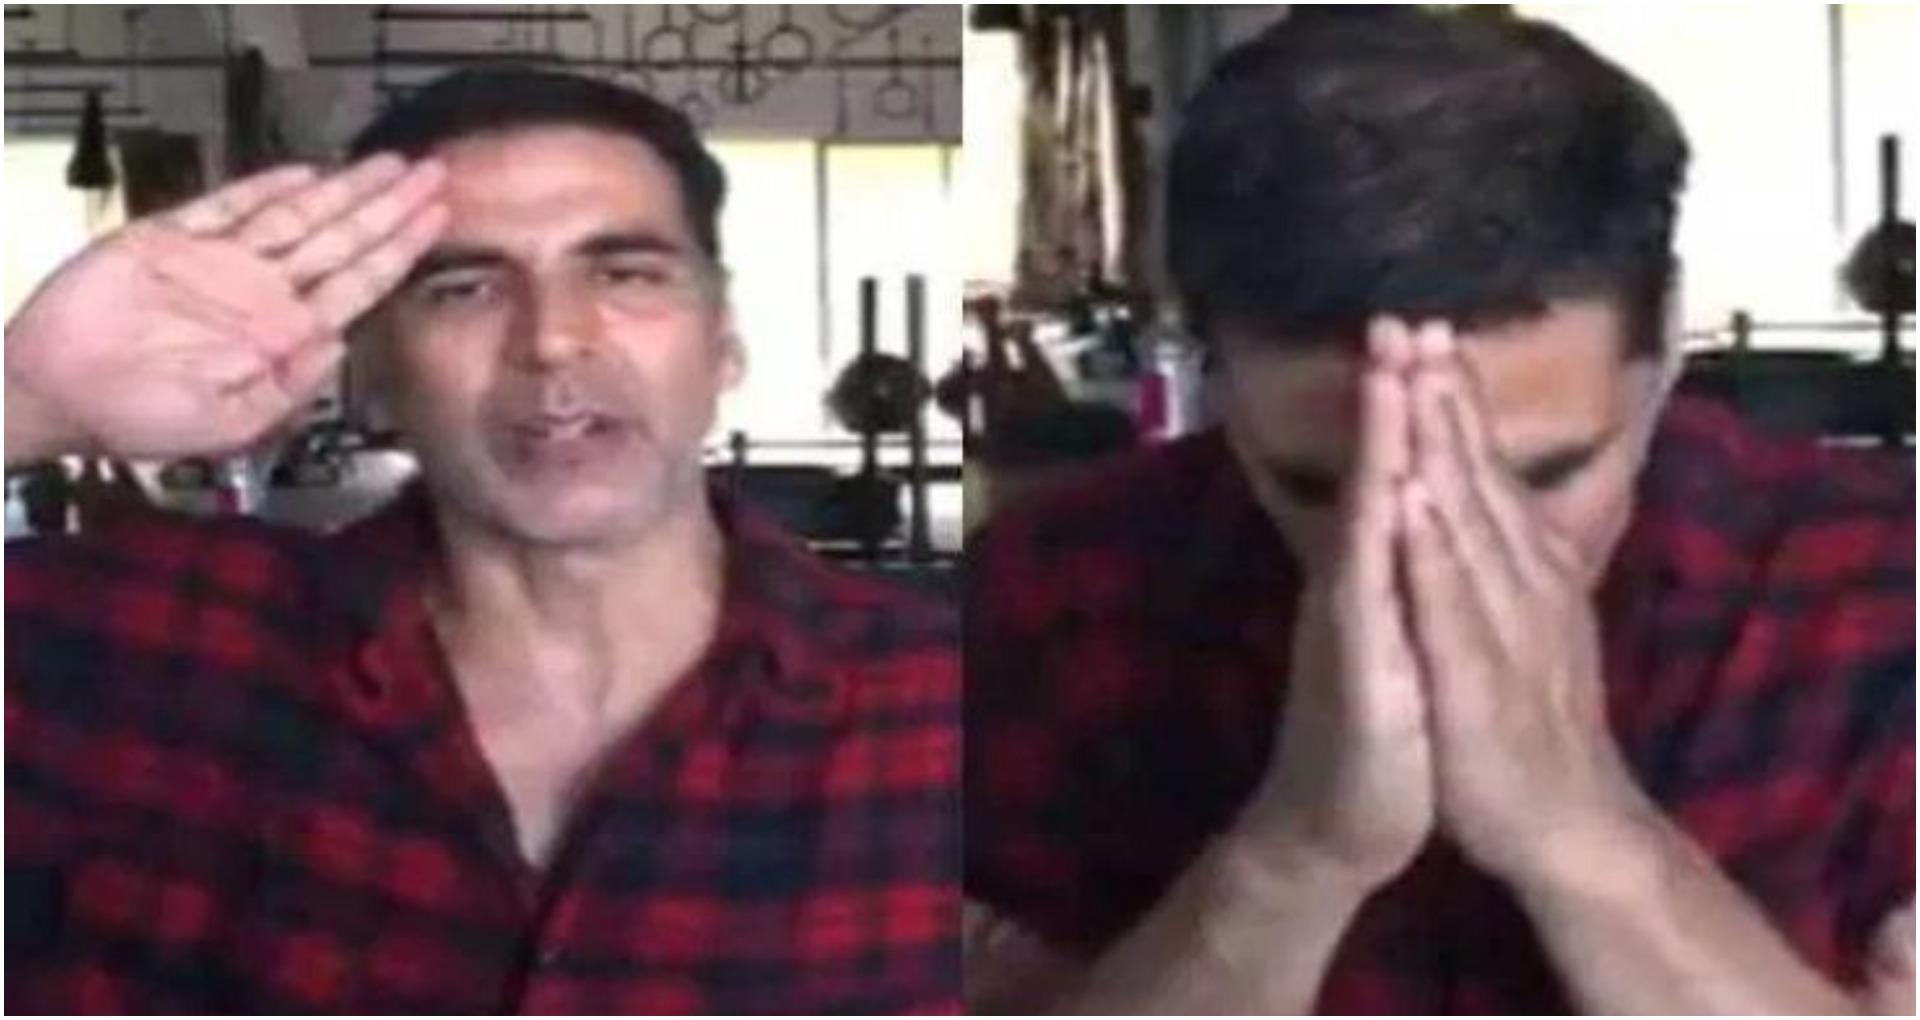 अक्षय कुमार का मेट्रो-एयरपोर्ट पर डटे रहने वाले CISF जवानों को सलाम, देखें Viral वीडियो